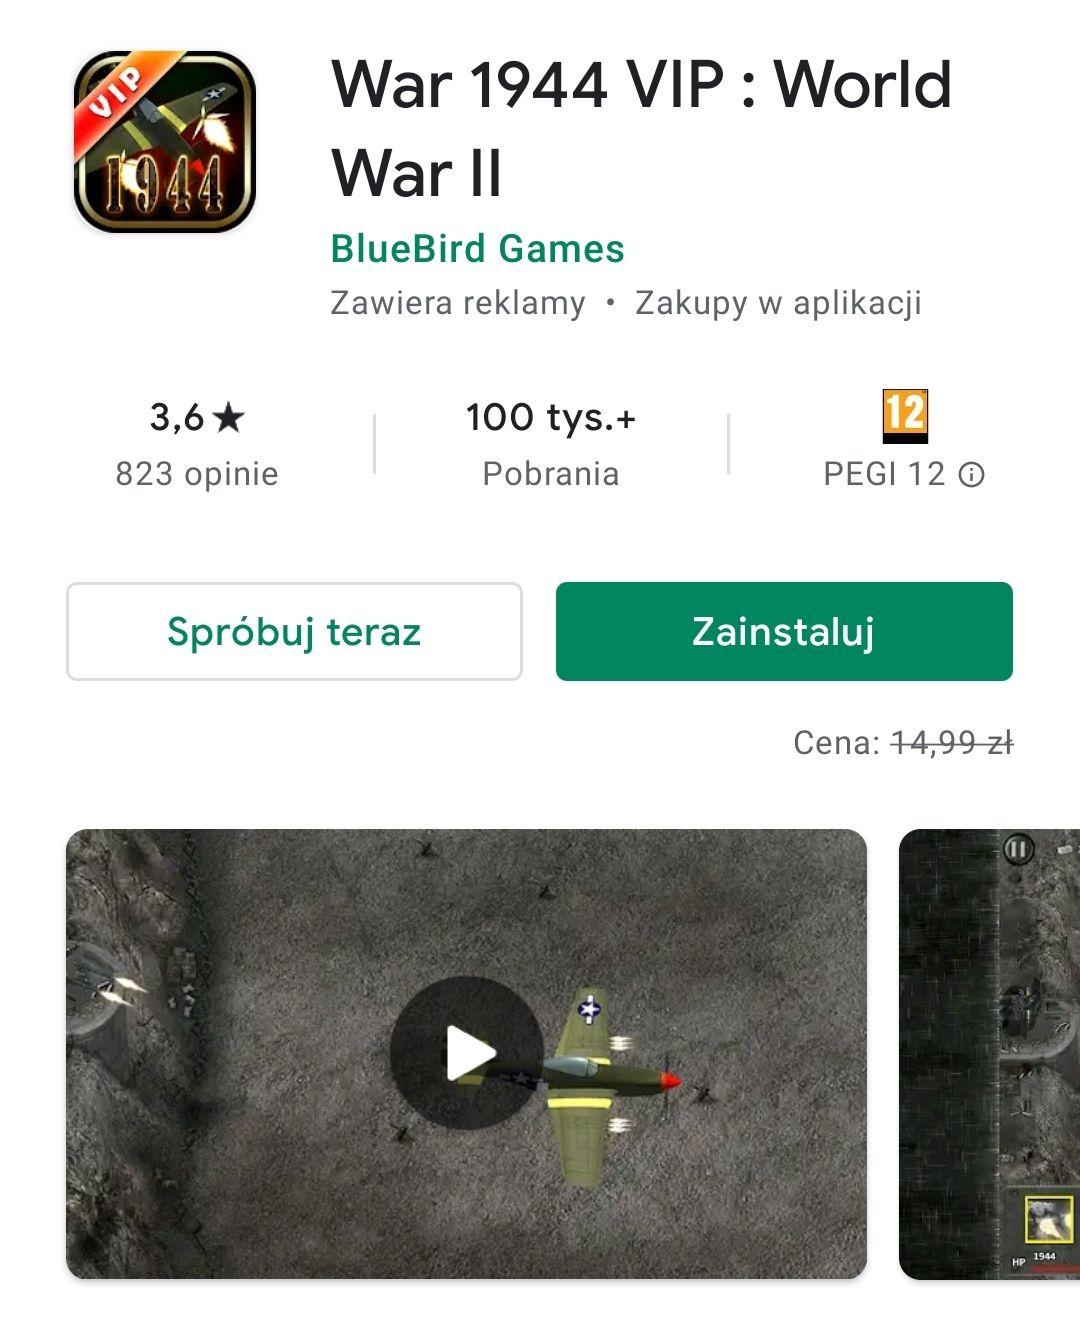 War 1944 VIP: World War II